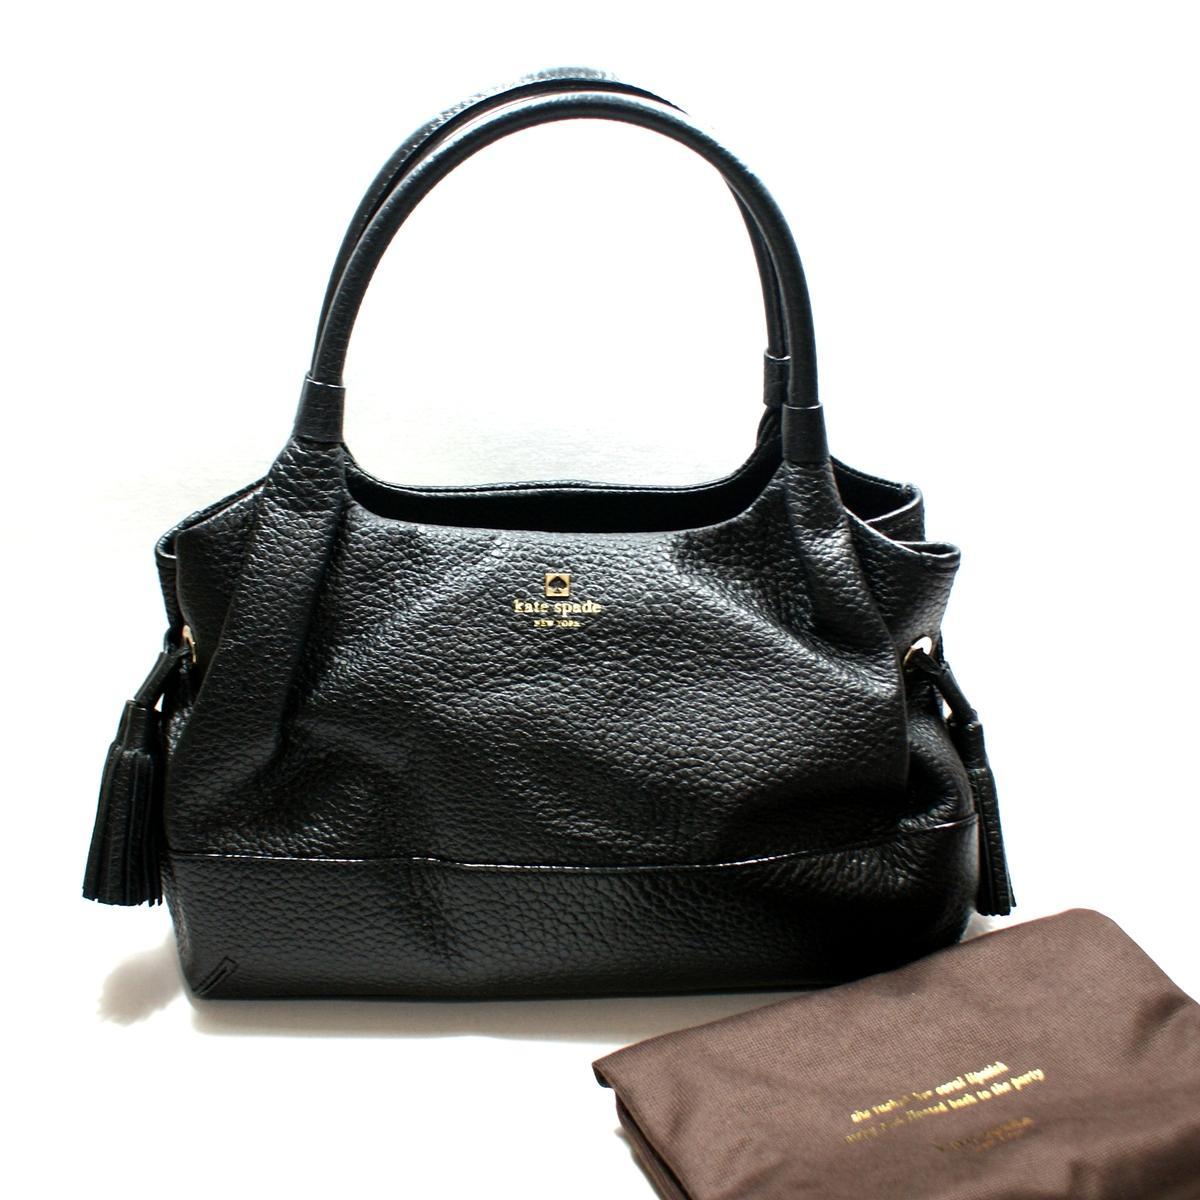 Case Design designer cell phone case : Kate Spade Stevie Southport Avenue Leather Black Shoulder Bag/ Handbag ...